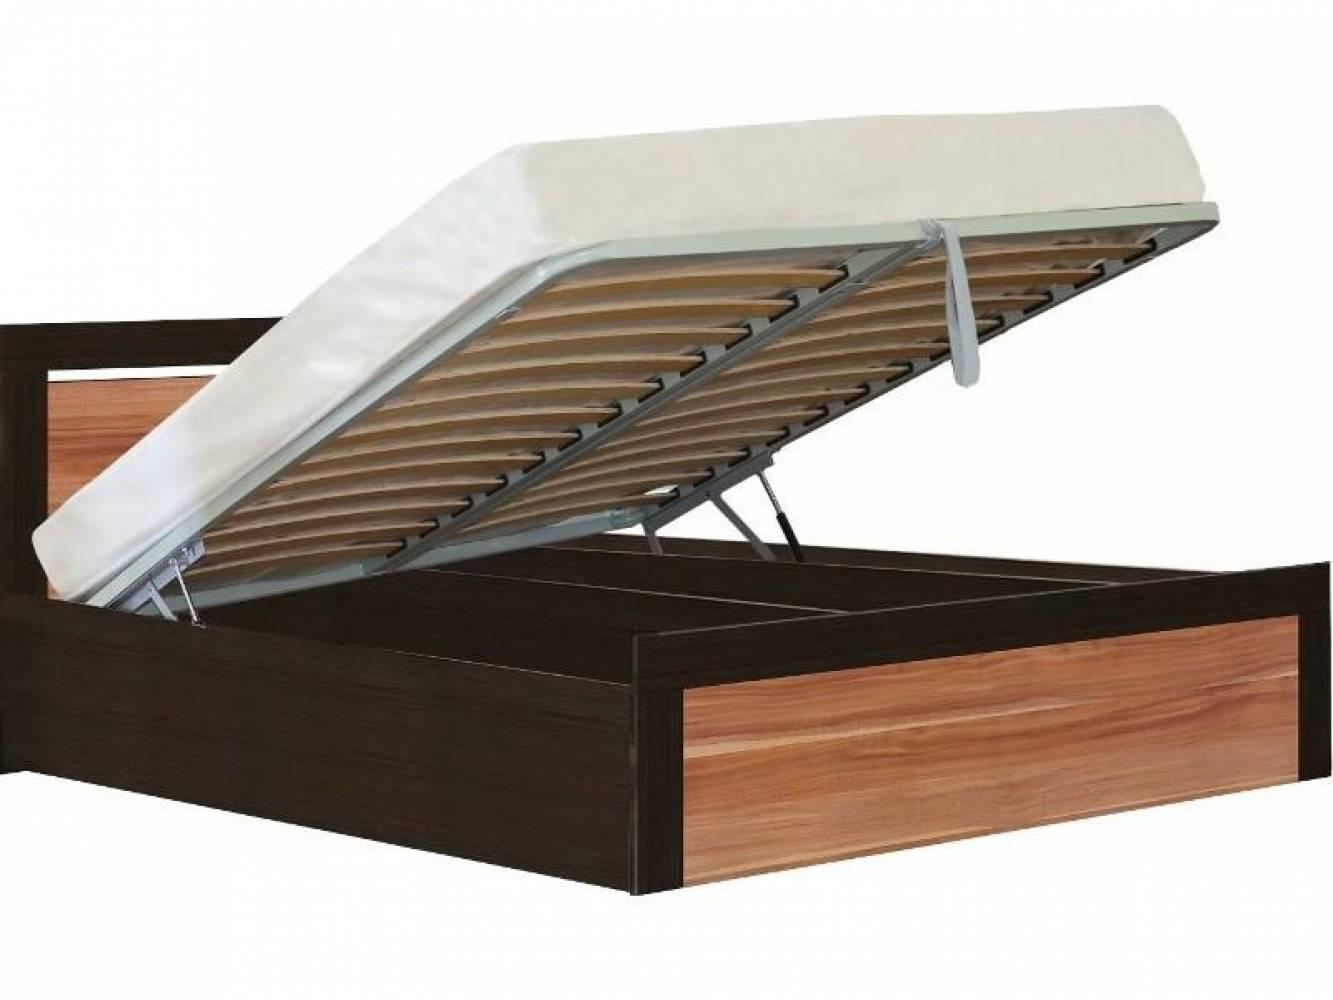 Кровать 1600 с подъемным механизмом ТОКИО (слива валлис)